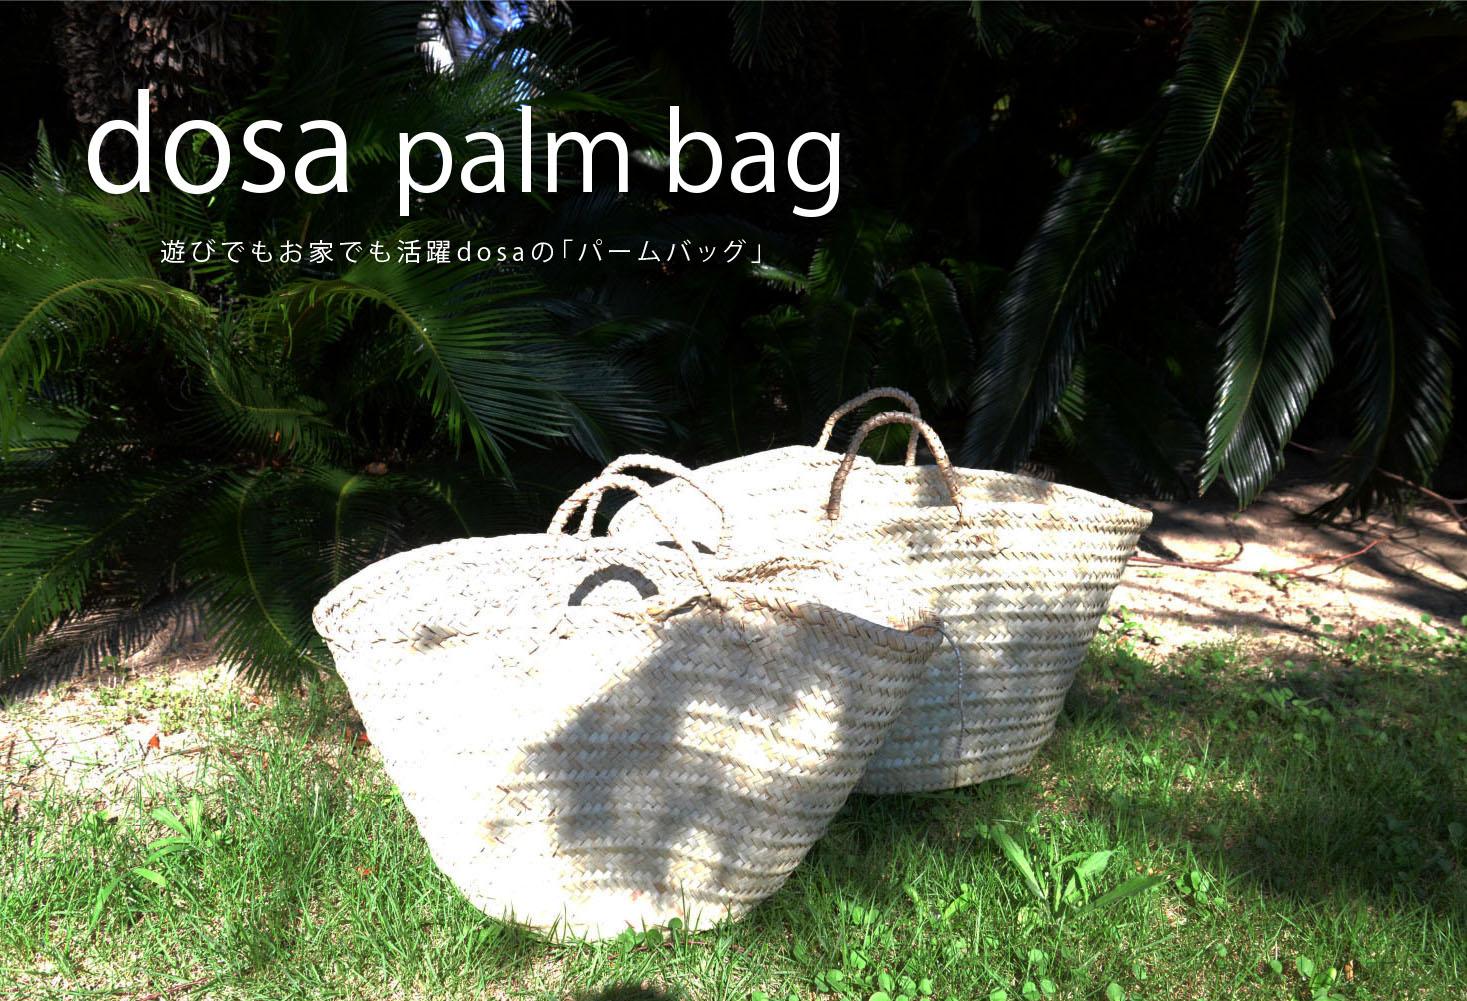 dosa palm bag